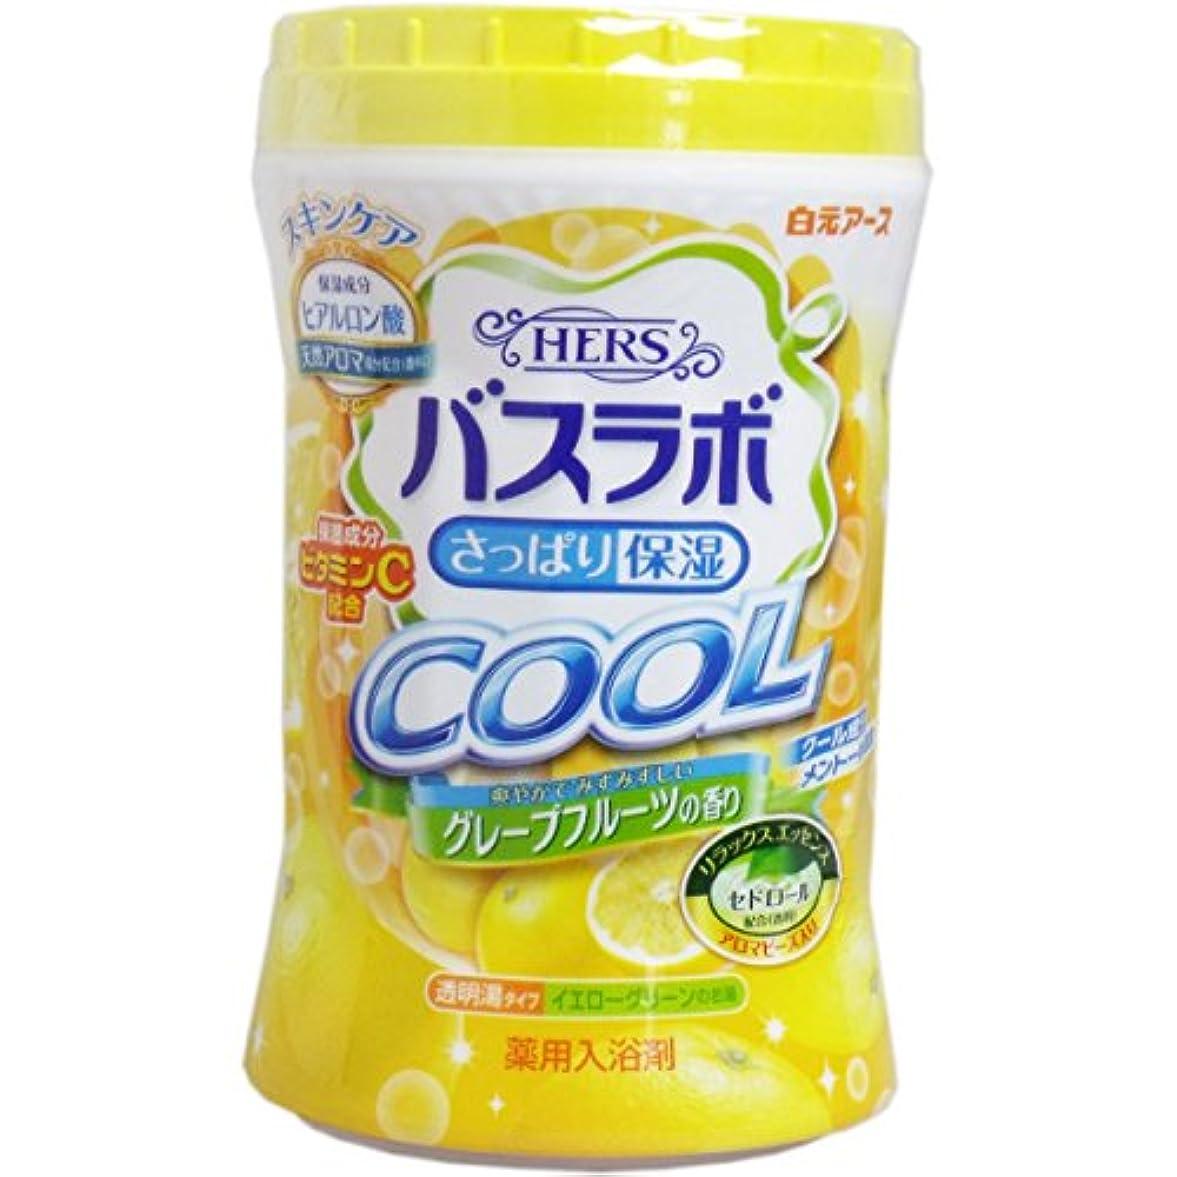 あたたかい許すビタミンHERSバスラボ ボトル クール グレープフルーツの香り 640g